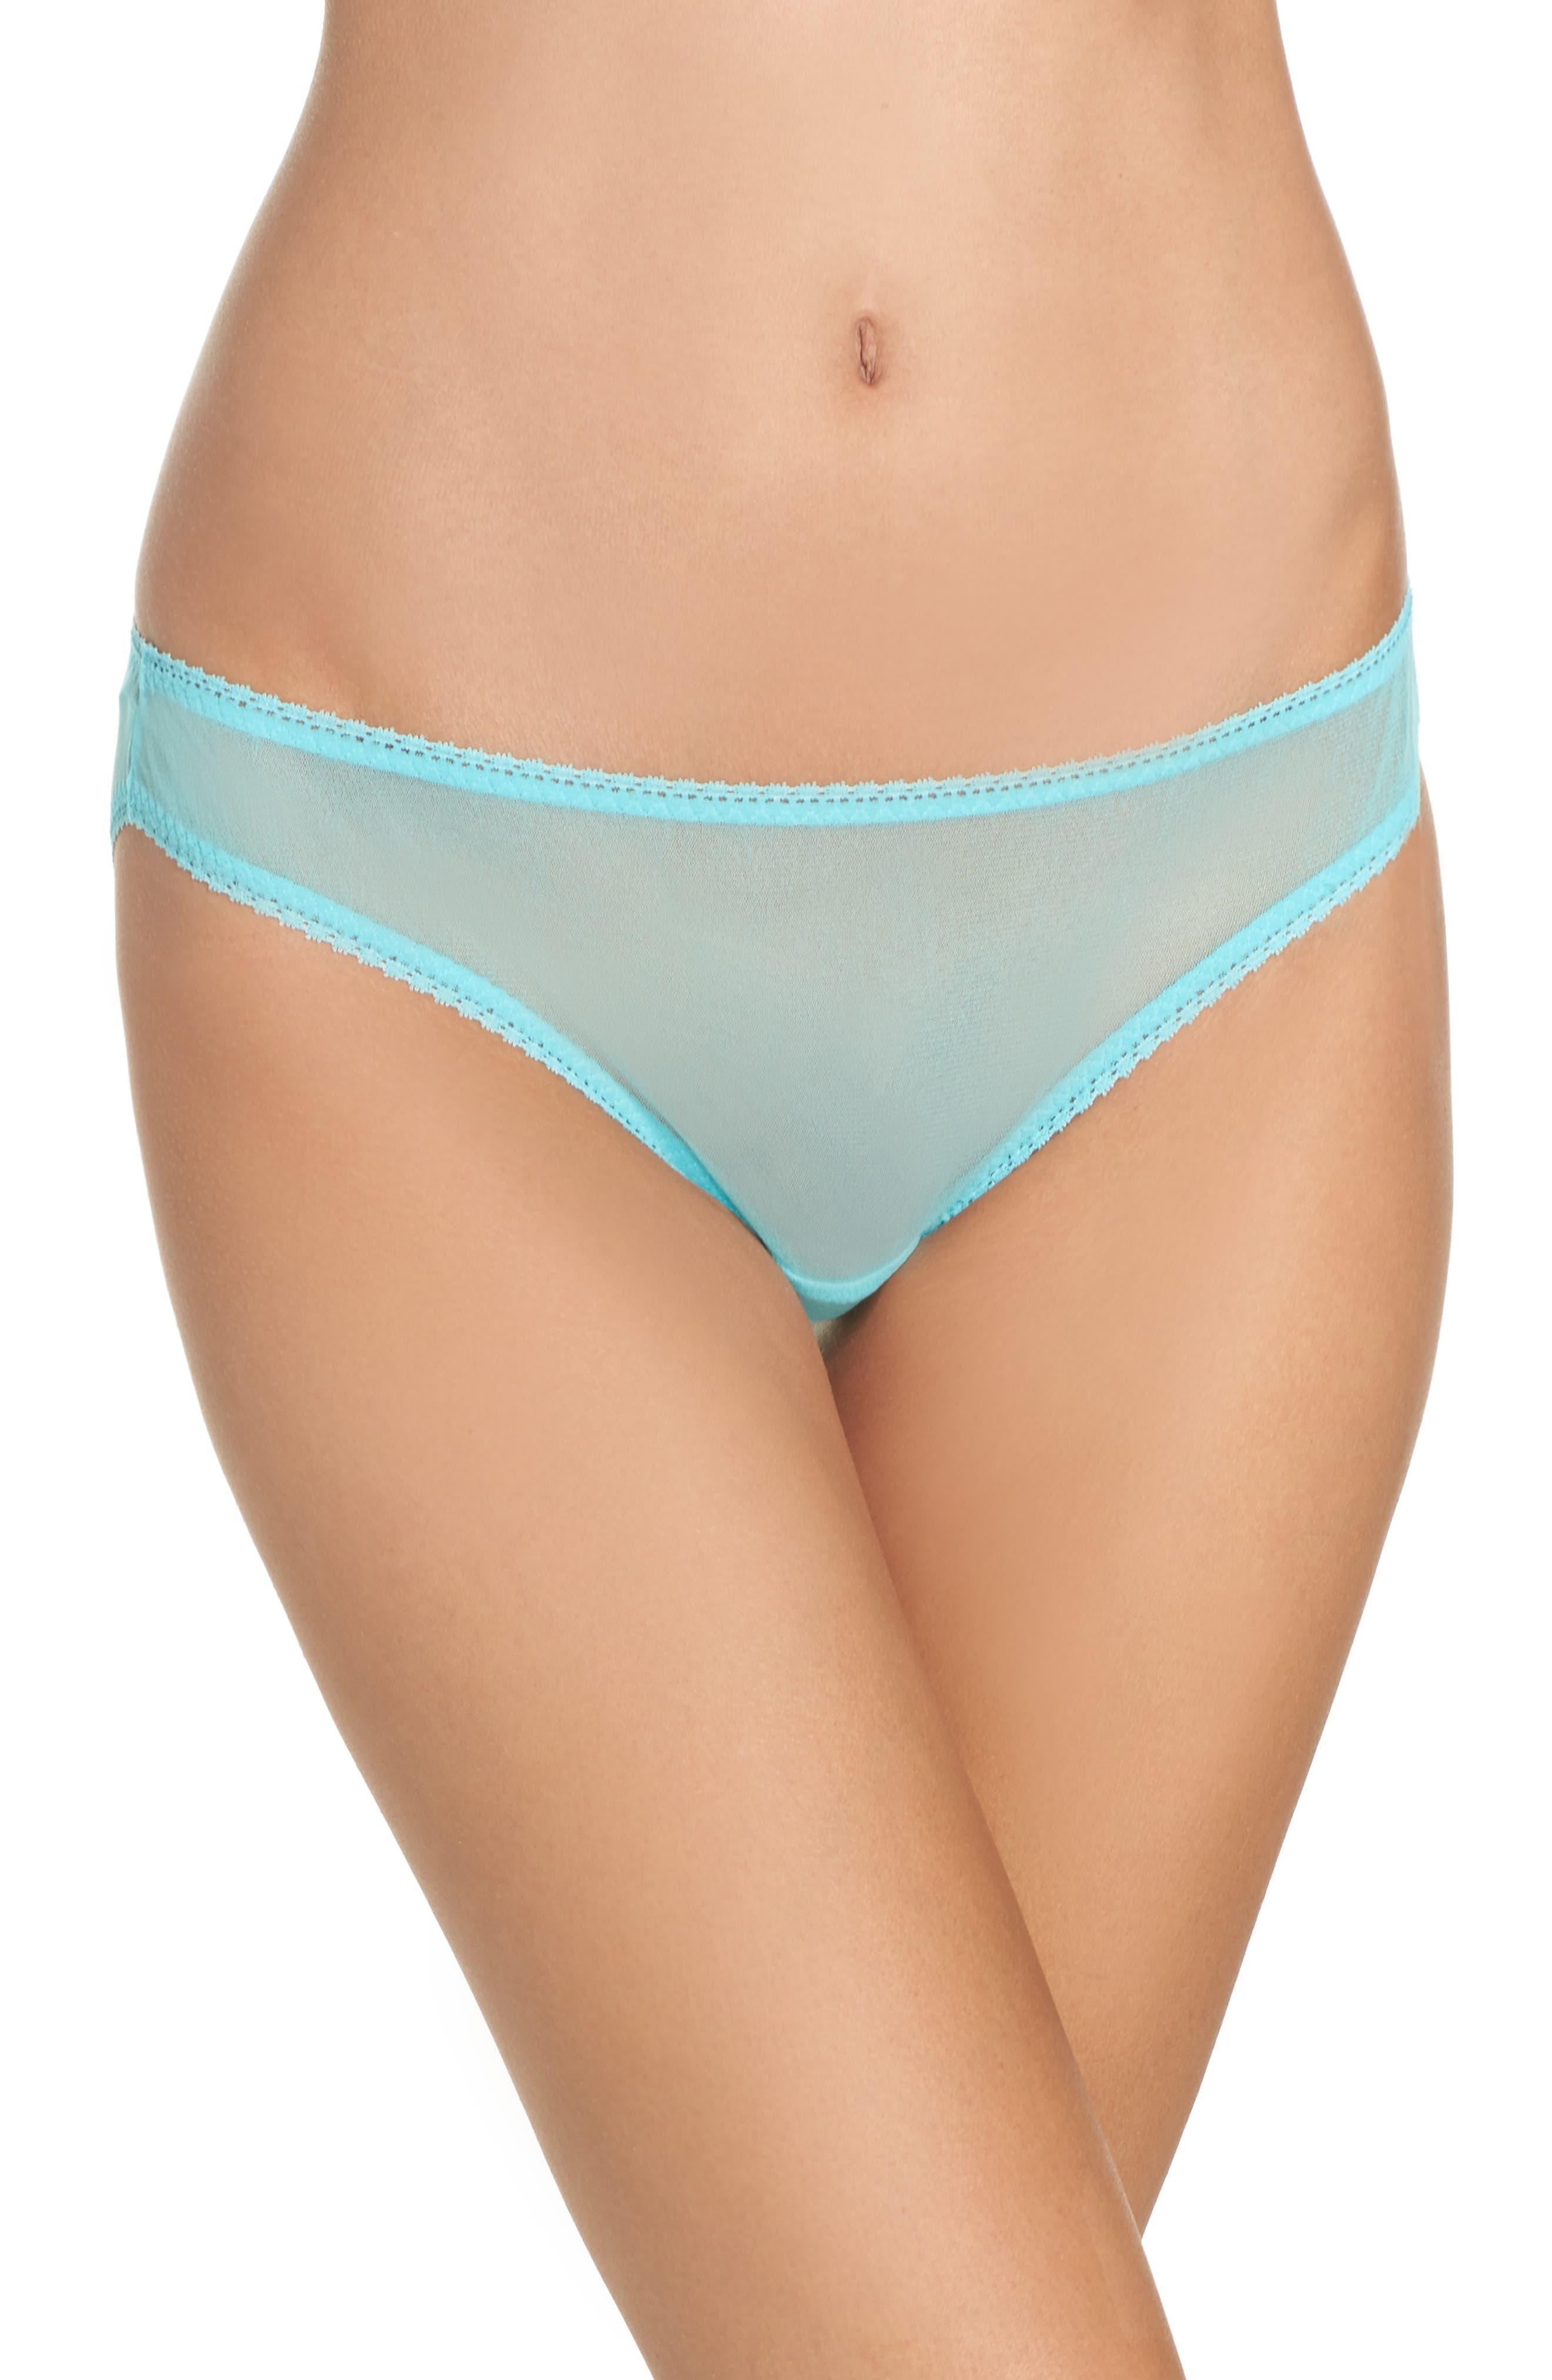 Main Image - On Gossamer Mesh Bikini (3 for $45)